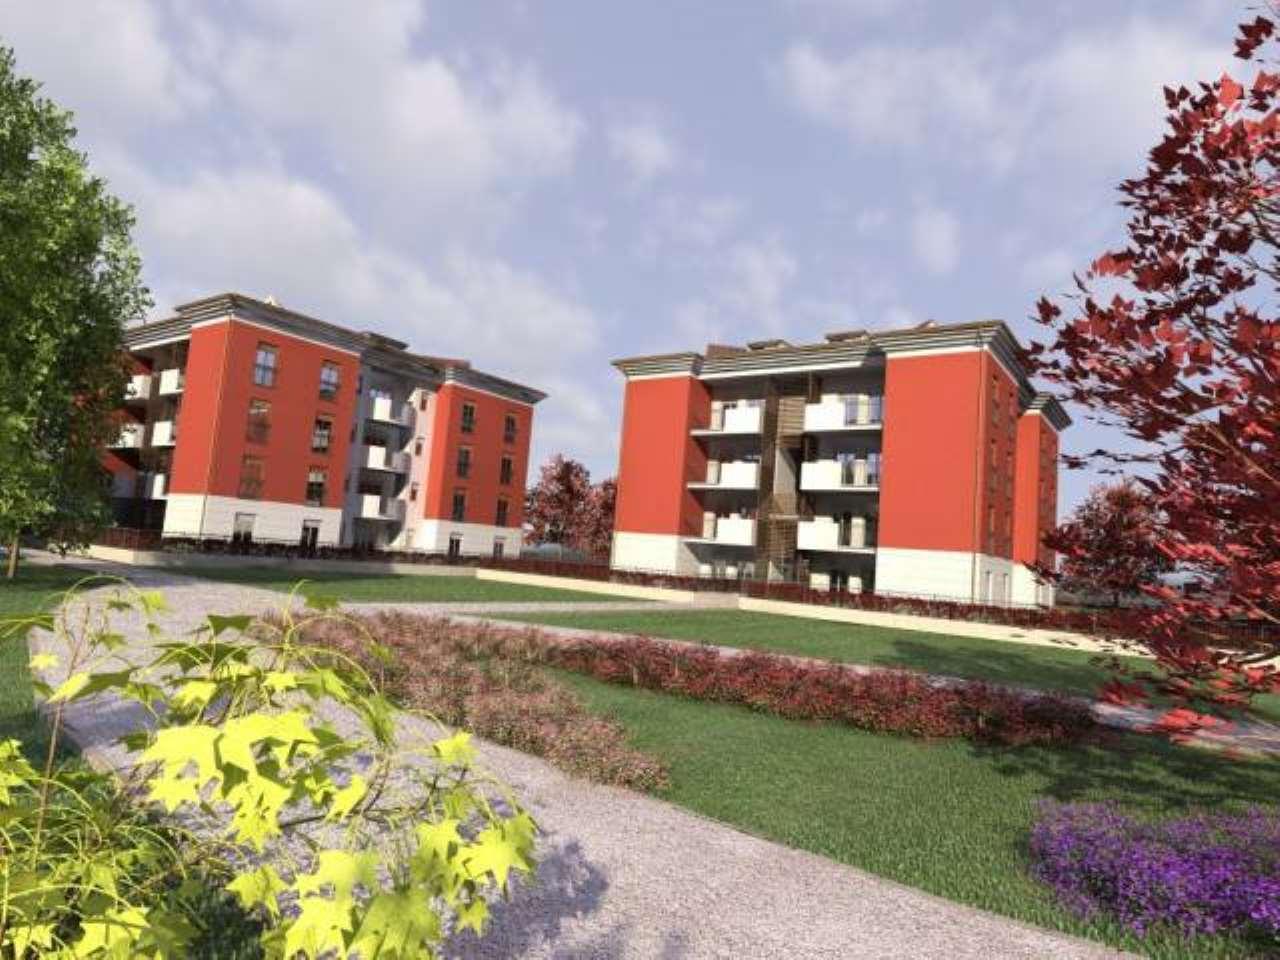 Appartamento in vendita a Sulbiate, 3 locali, prezzo € 183.000 | CambioCasa.it